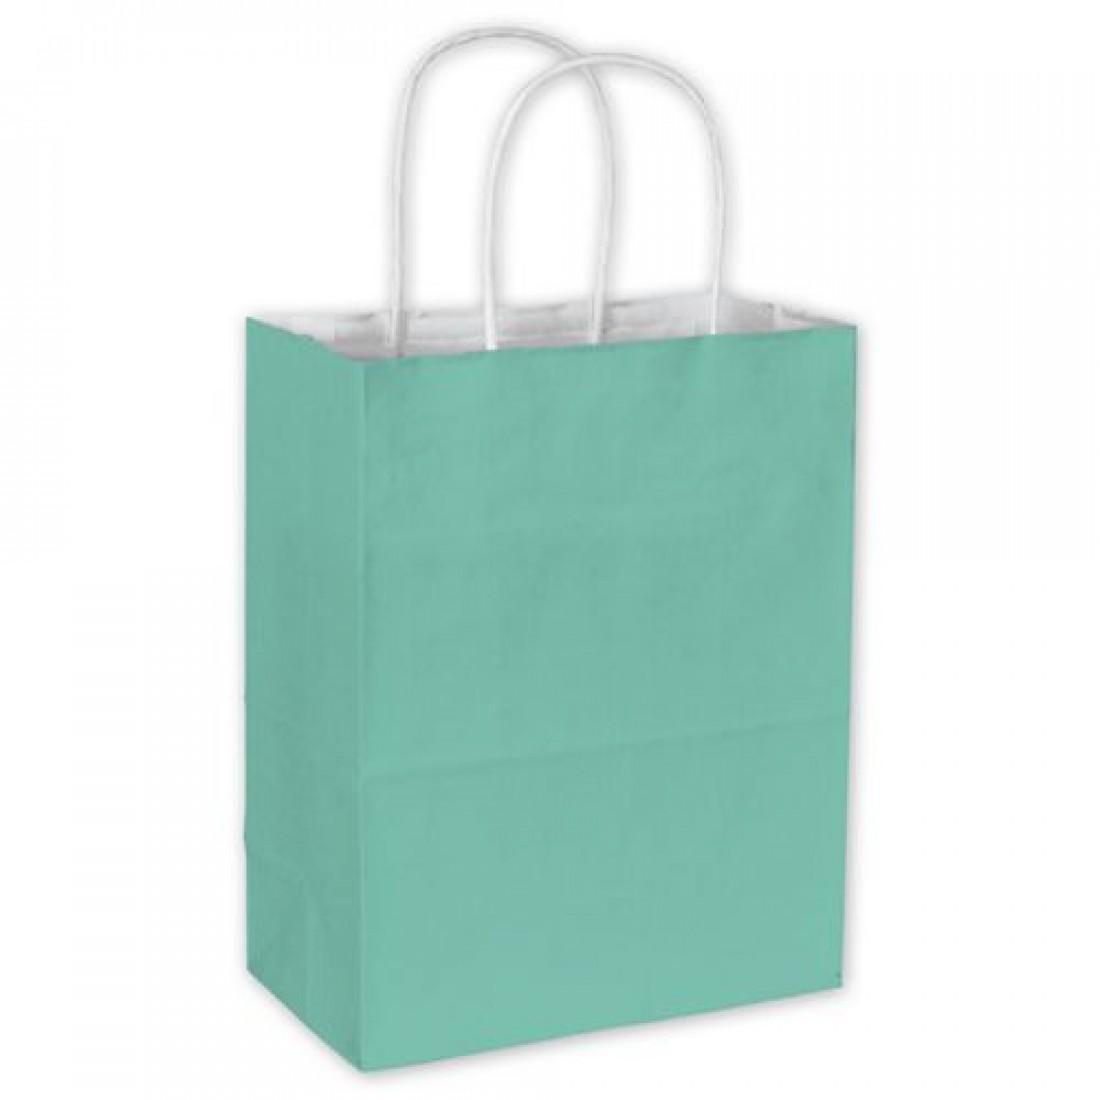 Aqua Cotton Candy Cub Bag